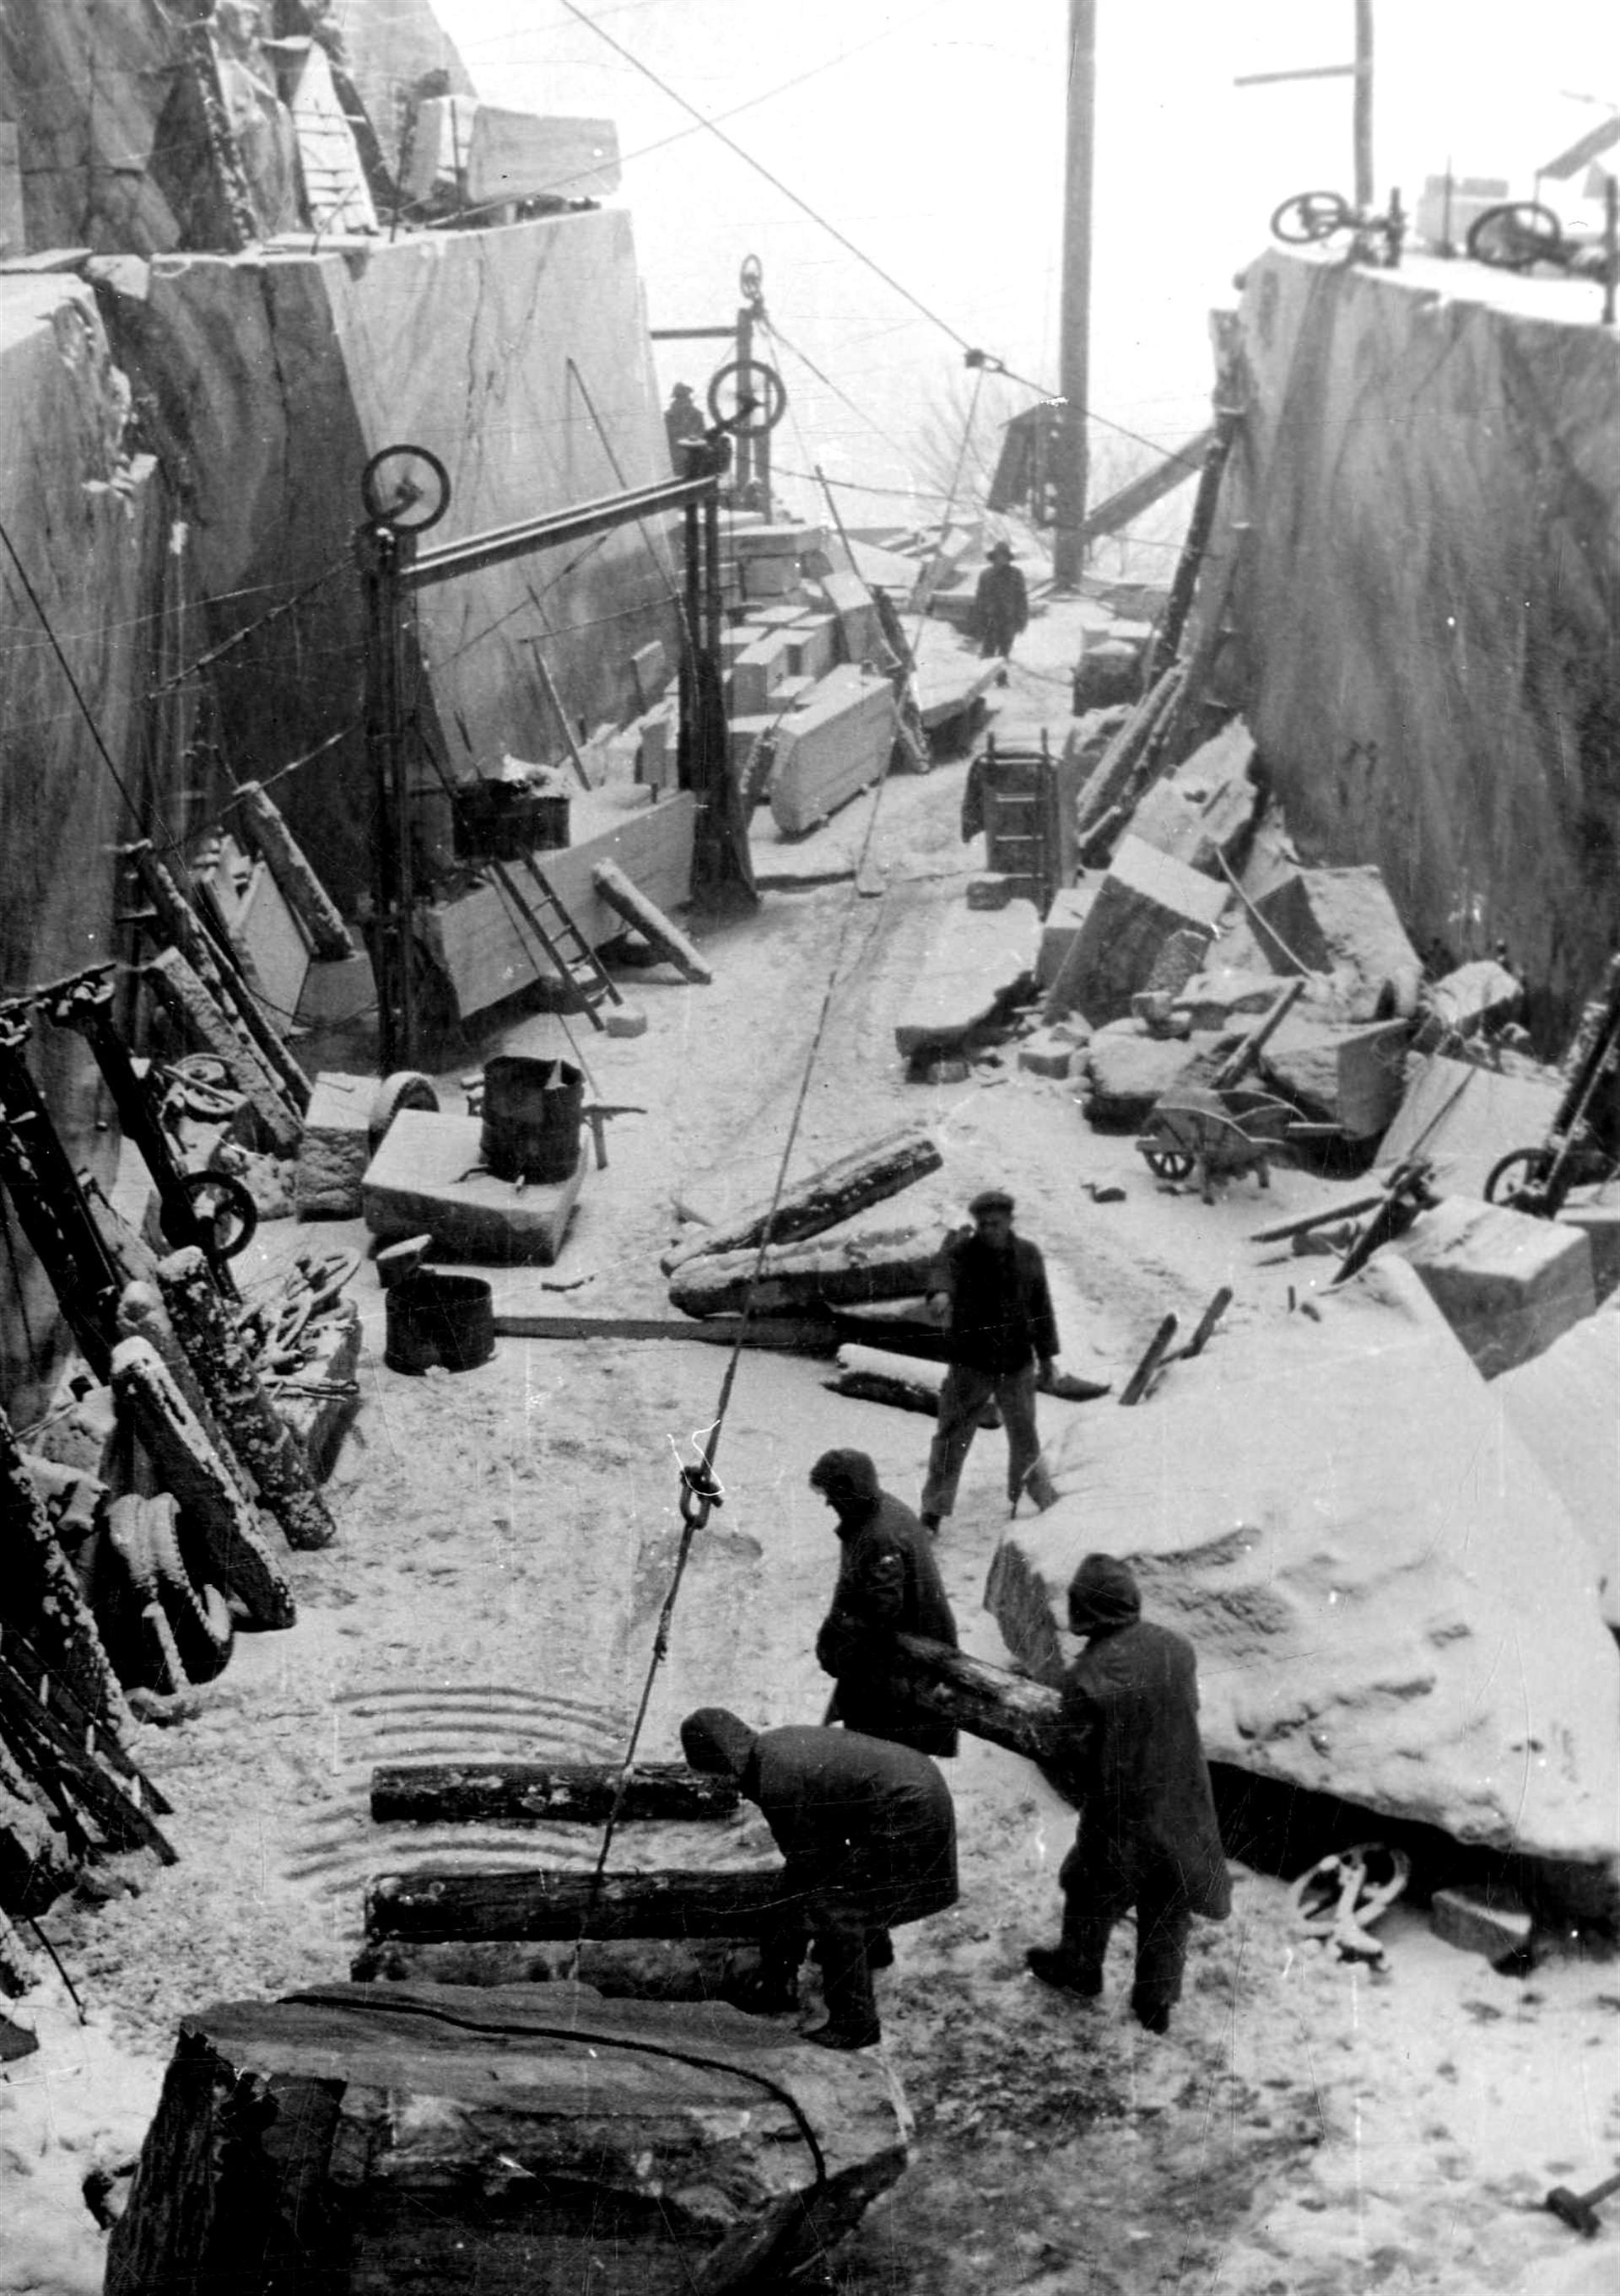 Cave di Candoglia Archivio